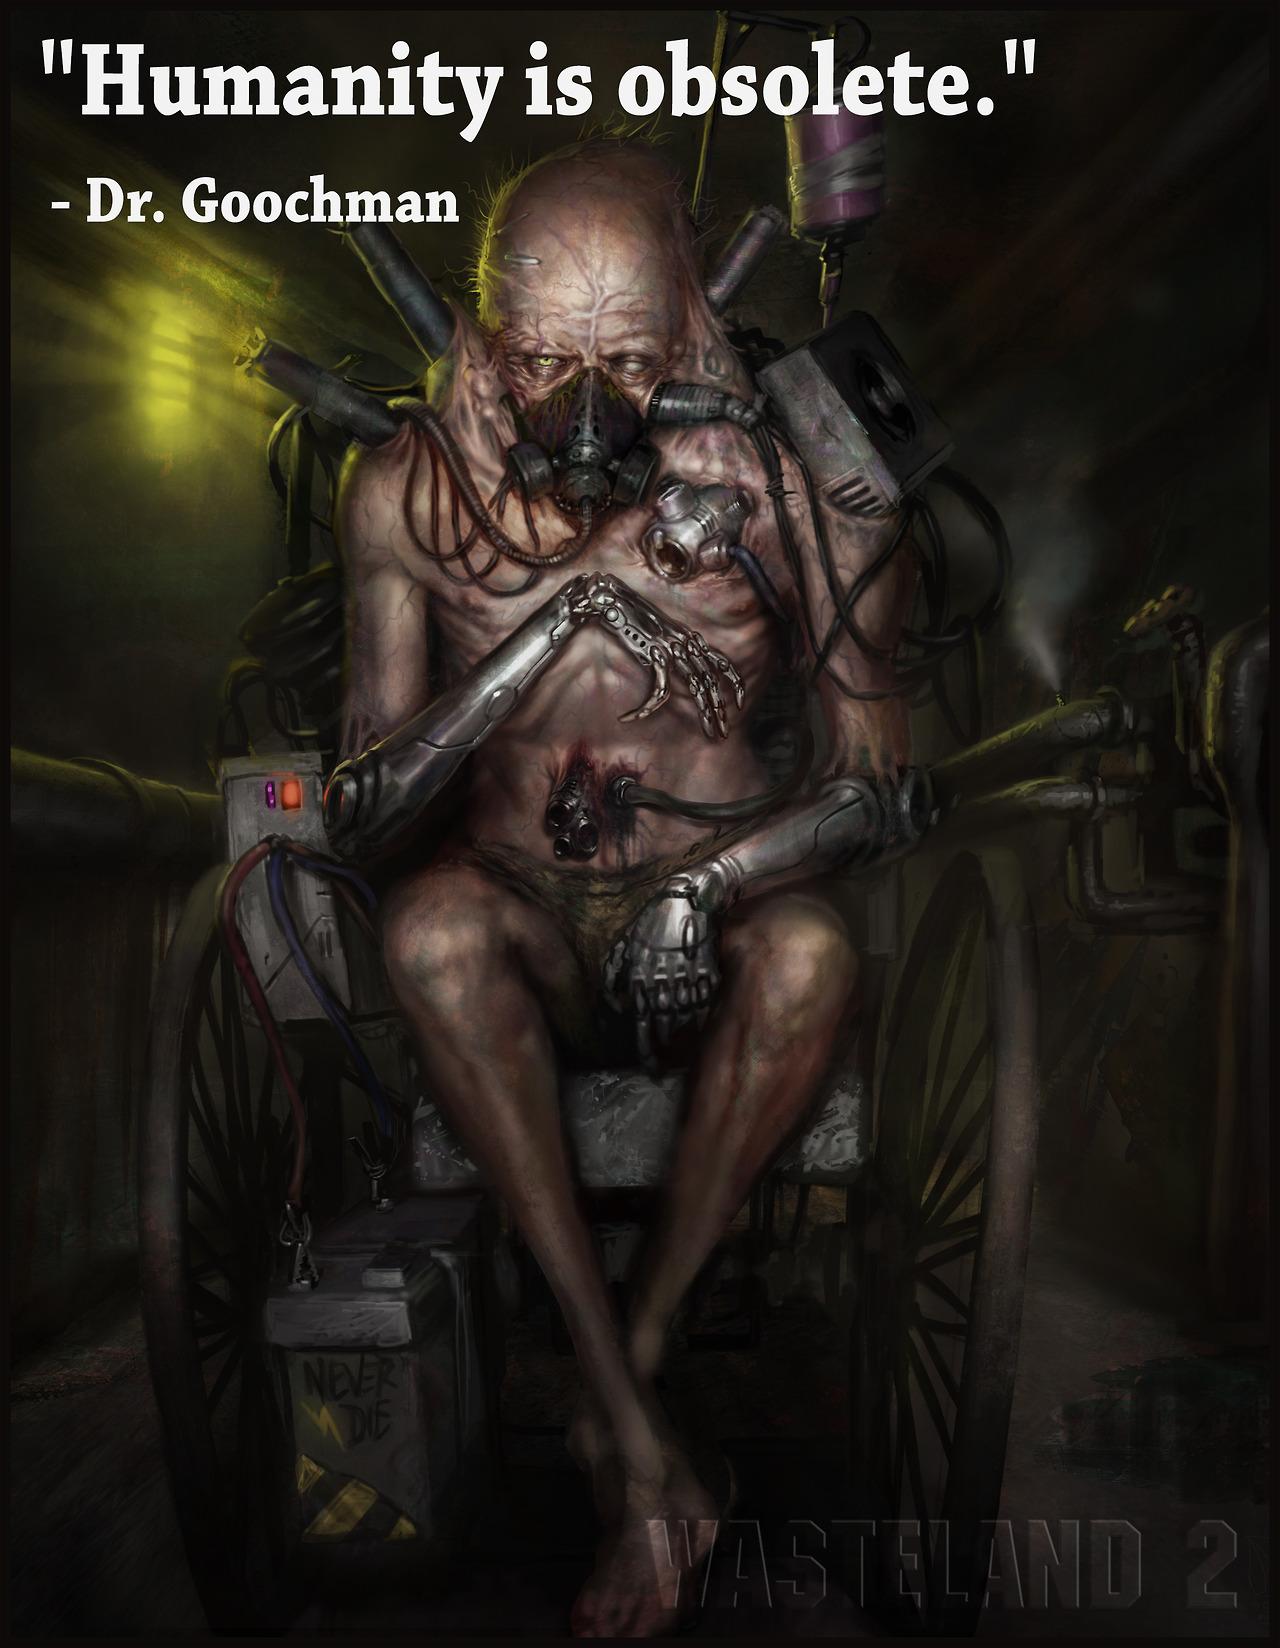 Всю свою пенсию доктор Фриман тратил на импланты и вещества.